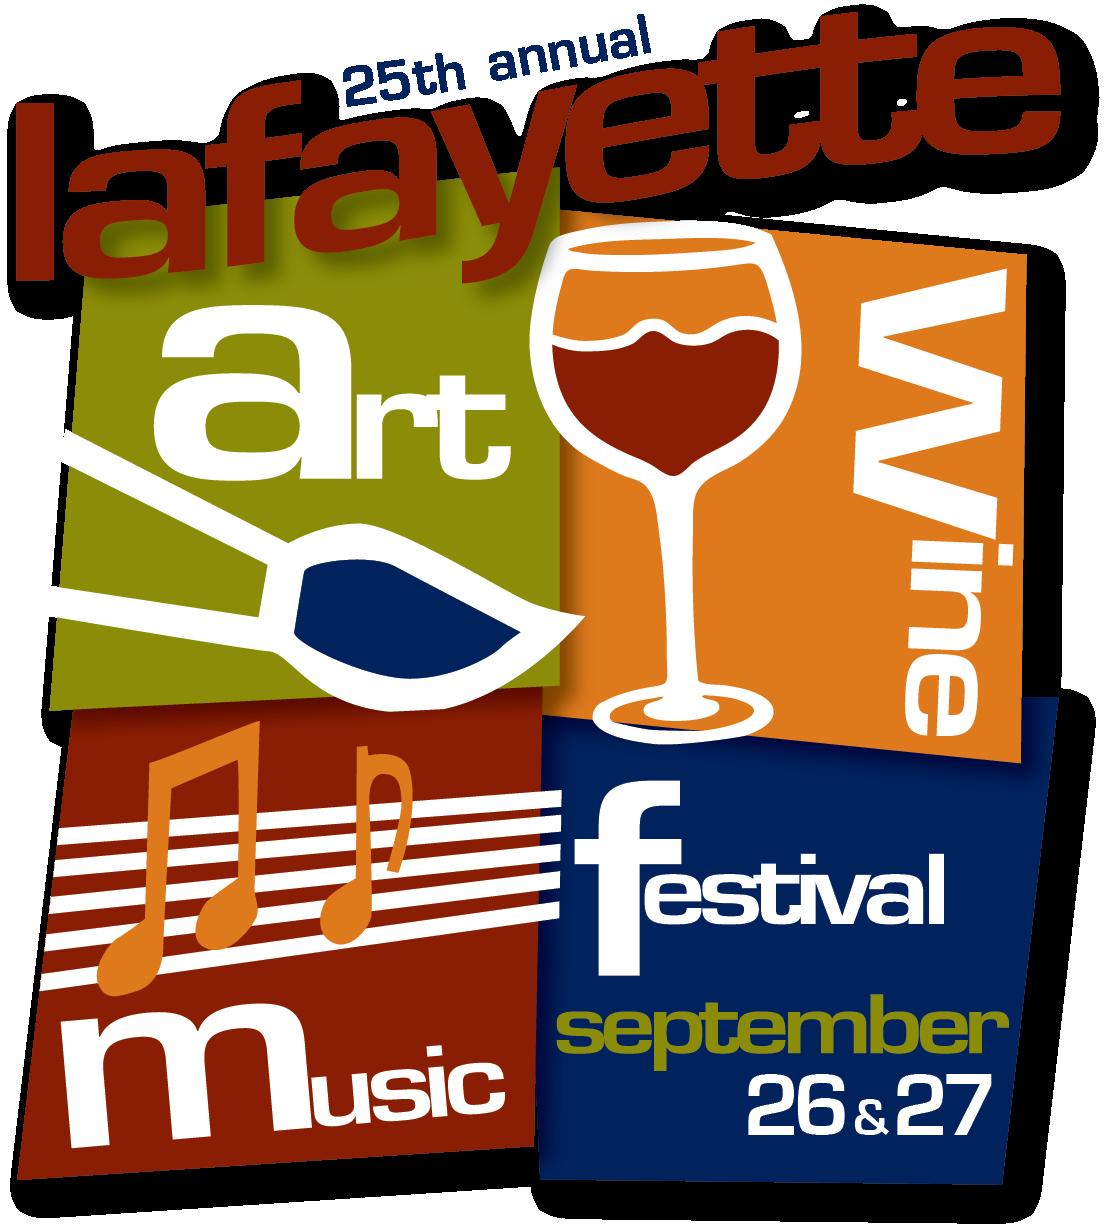 Lafayette Art & Wine Festival - Sept 26 & 27